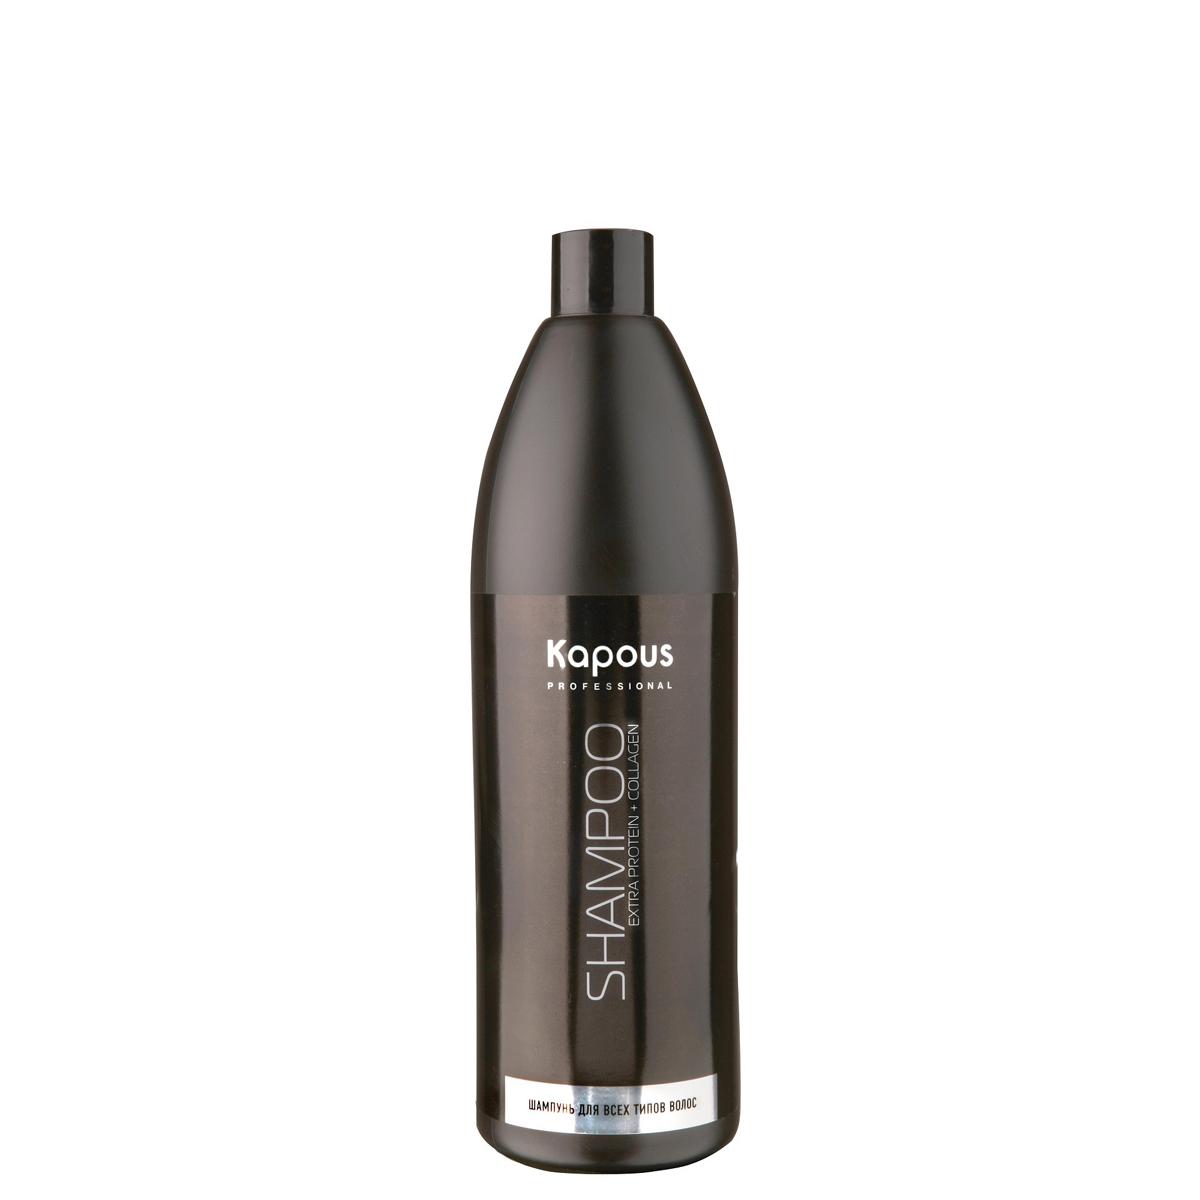 Kapous Professional Шампунь для всех типов волос 1000 млKap22Шампунь Kapous для всех типов волос предназначен для глубокой тщательной очистки волос и подготовке к дальнейшей обработке. Тщательно вымывая все органические загрязнения, а также остатки укладочных средств, деликатно и глубоко очищает волосы, не повреждая их.Благоприятный для кожи головы РН - фактор, натуральные экстракты, протеиновый комплекс и коллаген улучшают микроциркуляцию крови, способствуют регенерации и увлажнению.